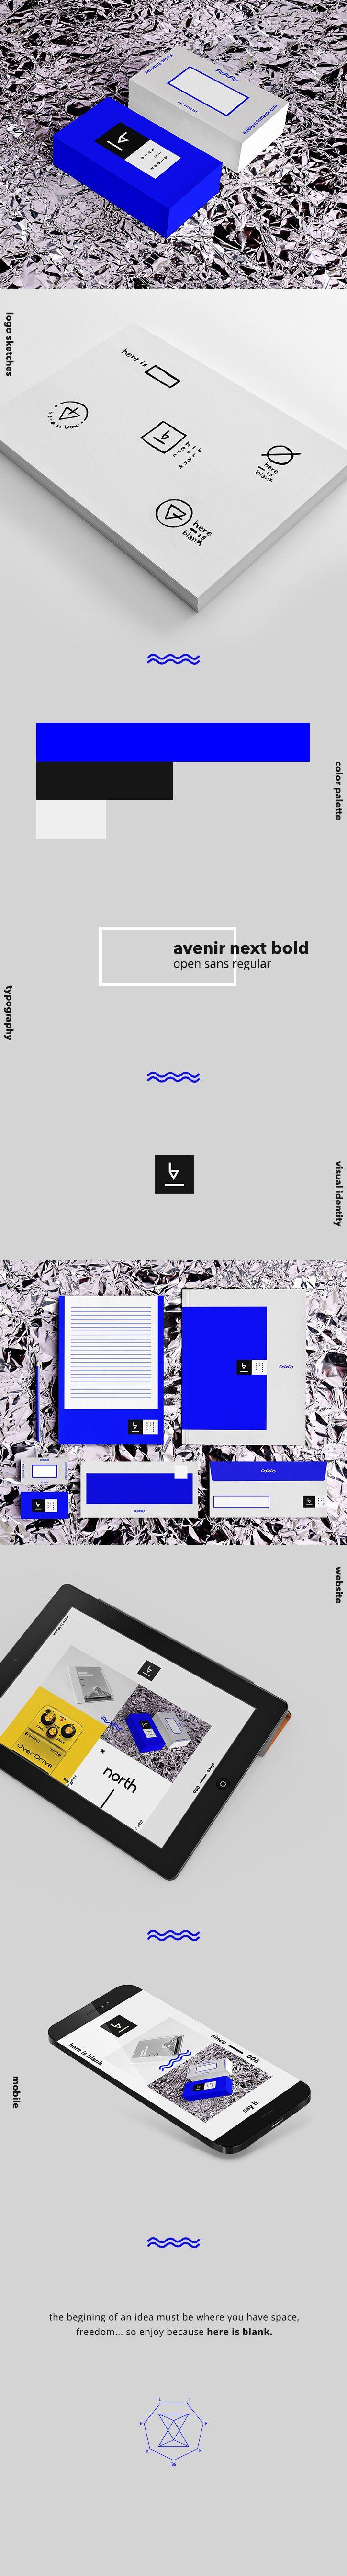 here is blank * visual identity by Felipe Elioenay